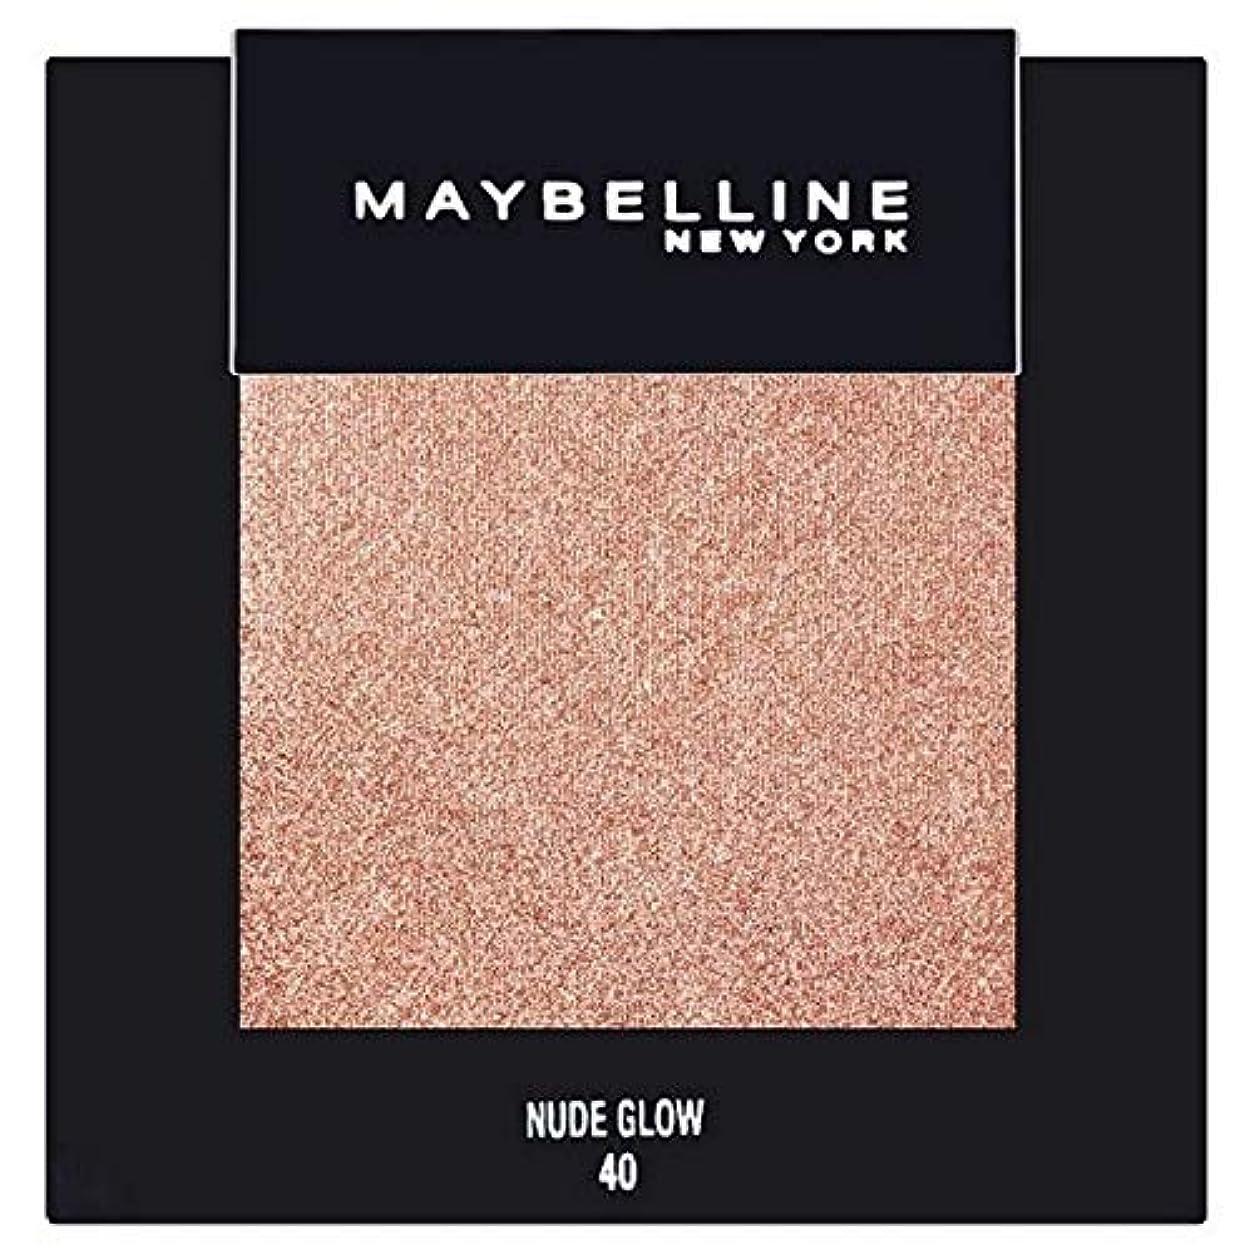 交流する欠員サーバント[Maybelline ] メイベリンカラーショーシングルアイシャドウ40ヌードグロー - Maybelline Color Show Single Eyeshadow 40 Nude Glow [並行輸入品]